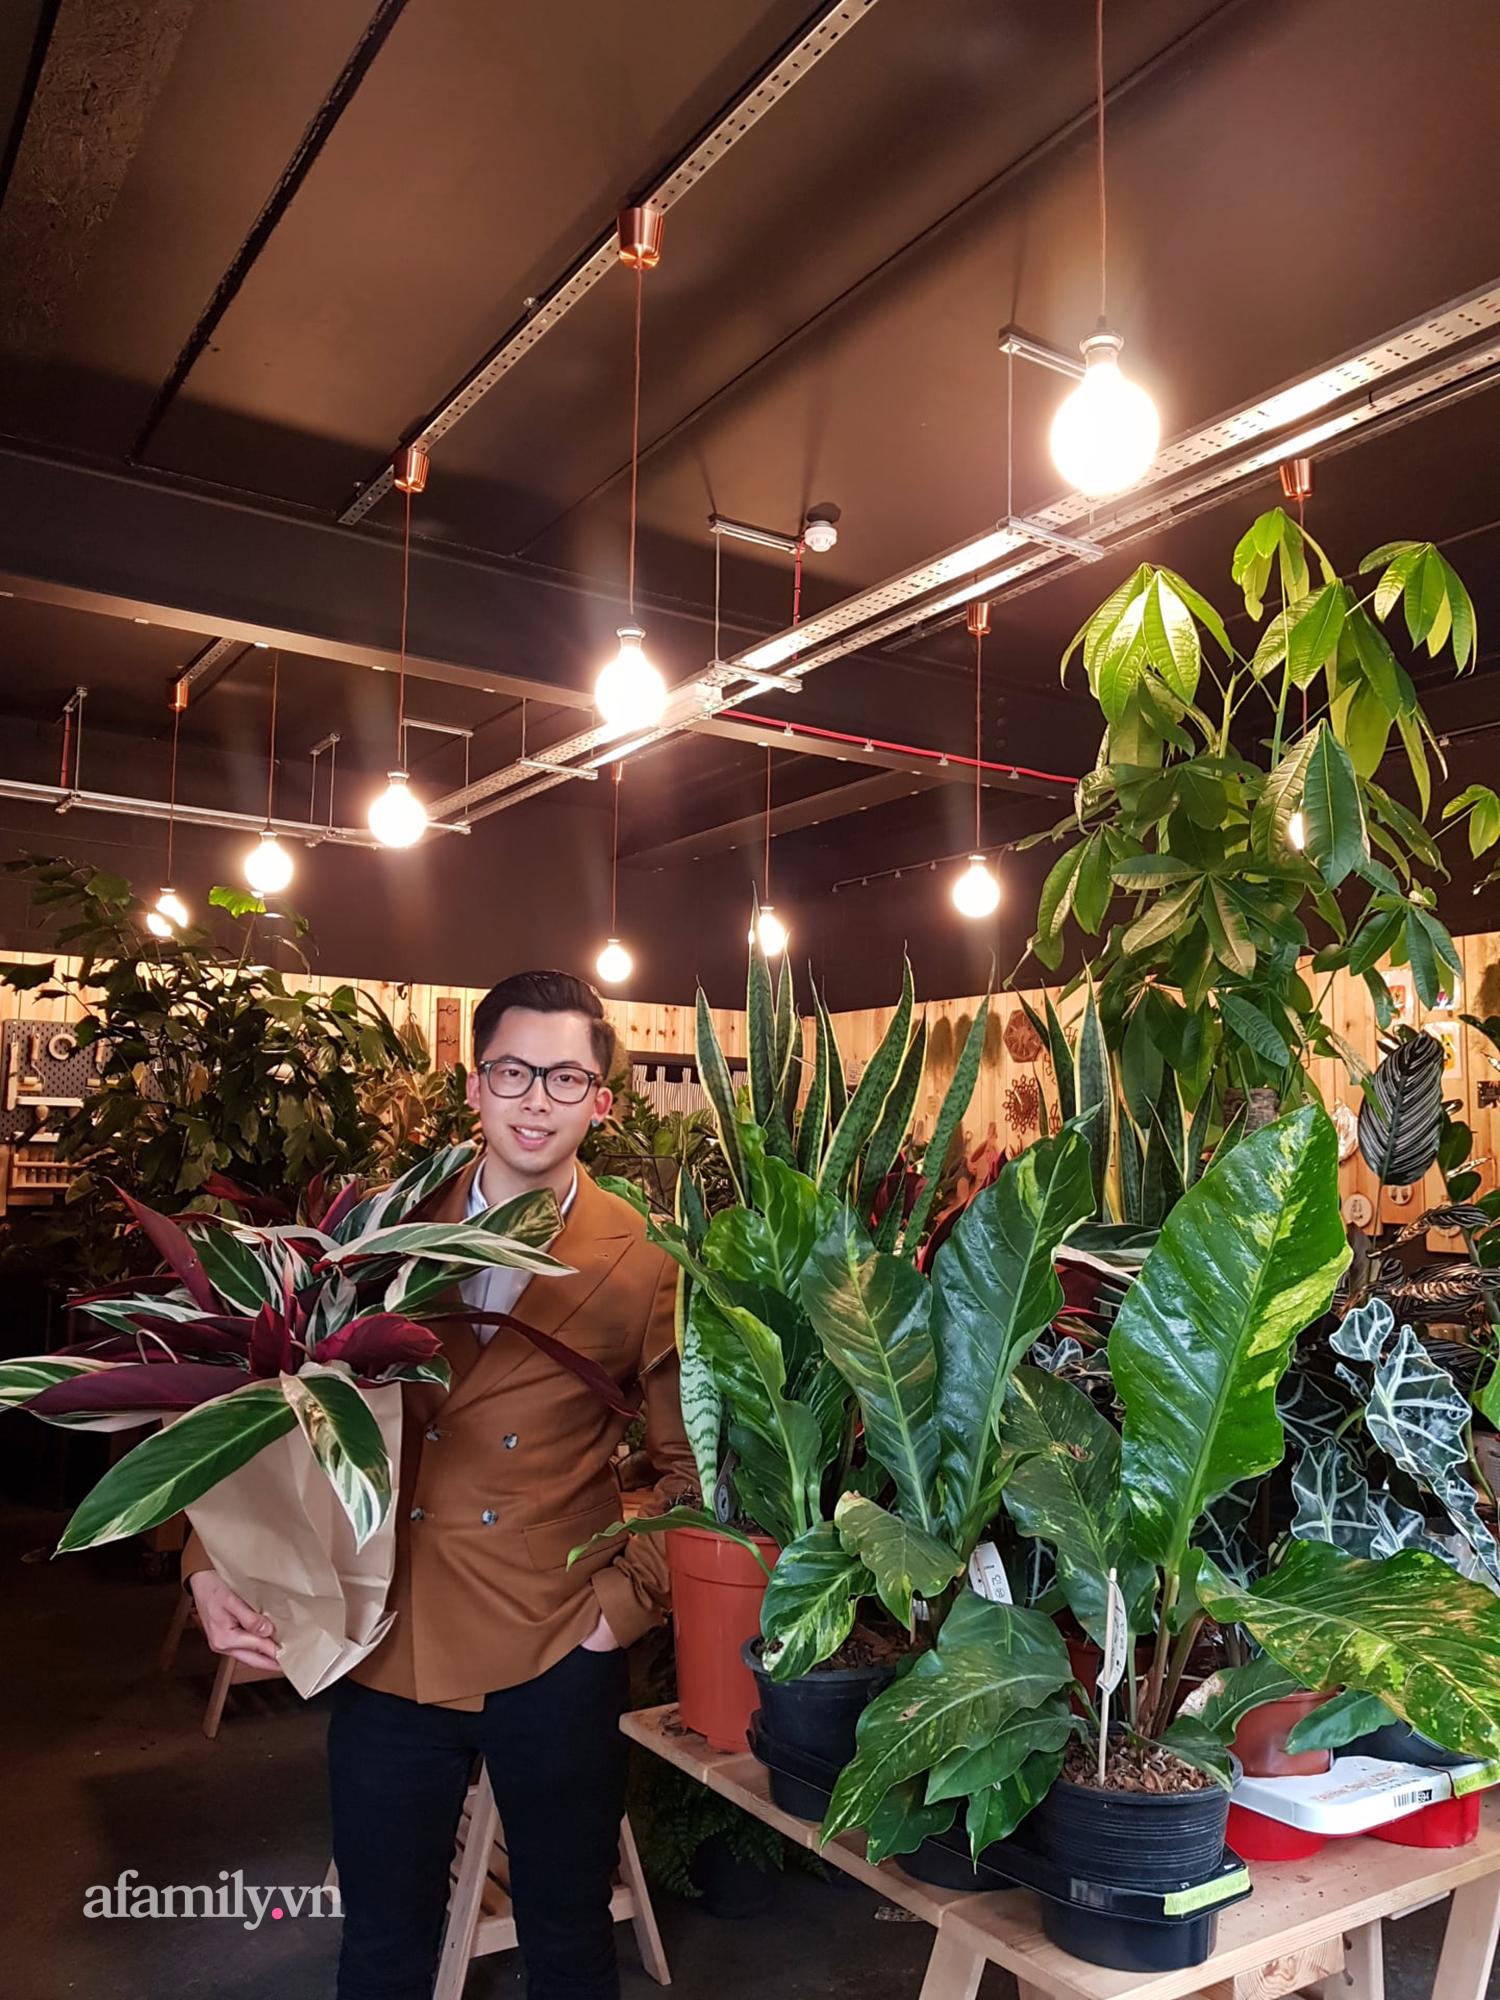 """BST hơn 200 cây kiểng lá của chàng kiến trúc sư người Việt tại Anh, gần như sống và nằm ngủ cùng cây mỗi ngày """"hoang mang về mức giá bạc tỷ được bán tại Việt Nam""""  - Ảnh 8."""